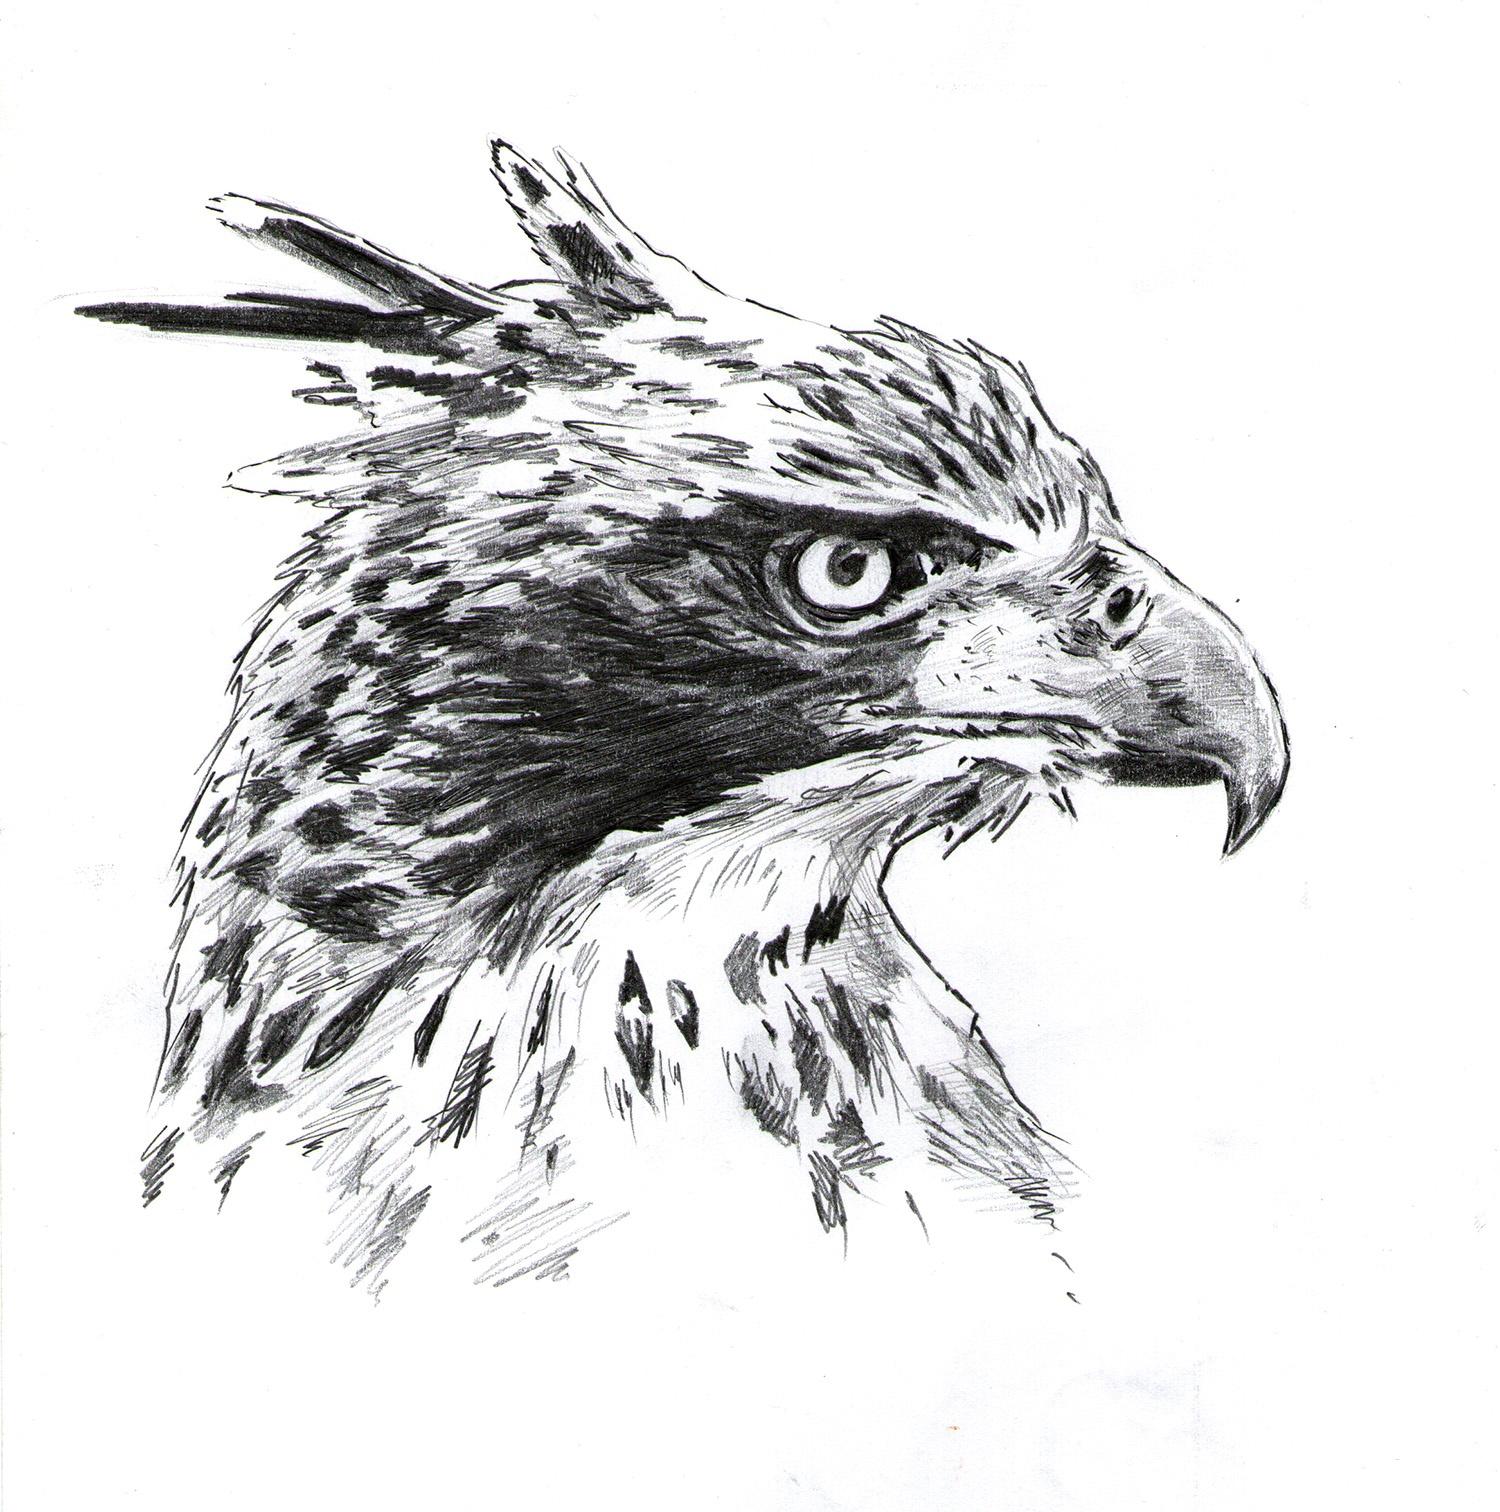 Águila arpía, grafito. Javier Olmedo. 2008